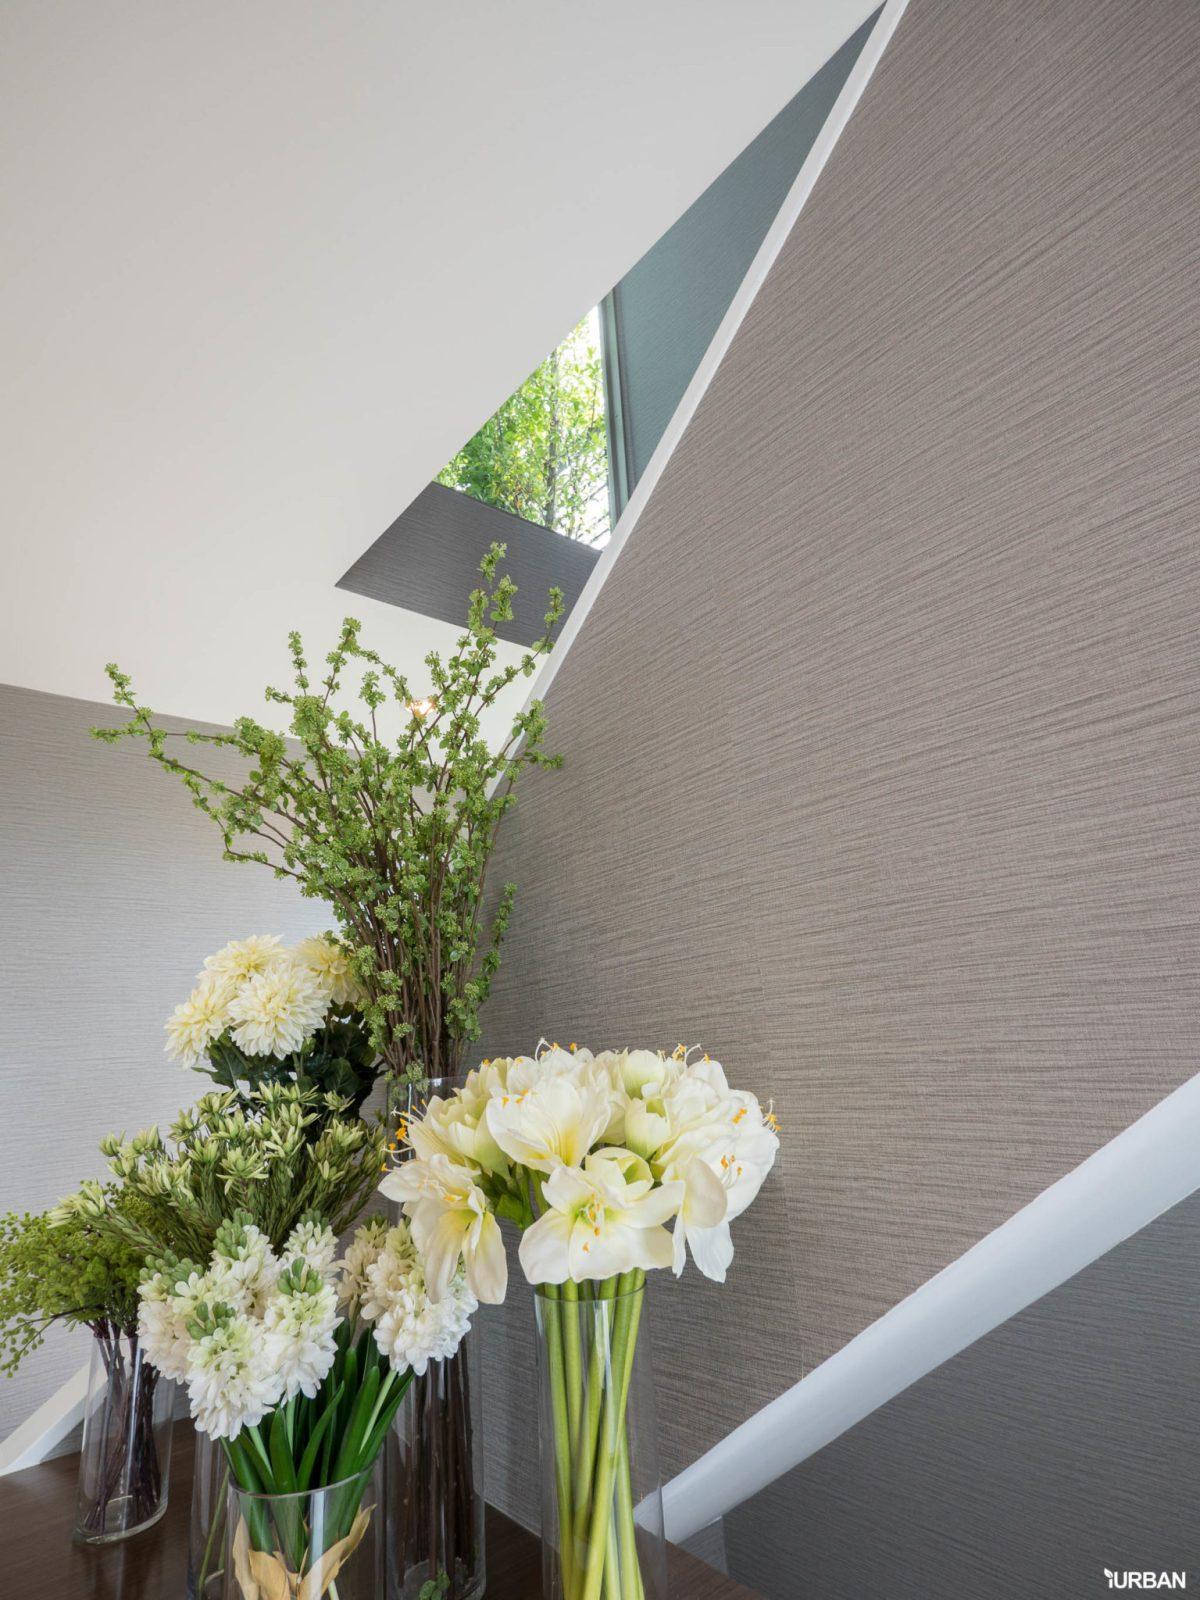 รีวิว Nirvana BEYOND Udonthani บ้านเดี่ยว 3 ชั้น ดีไซน์บิดสุดโมเดิร์น บนที่ดินสุดท้ายหน้าหนองประจักษ์ 108 - Luxury